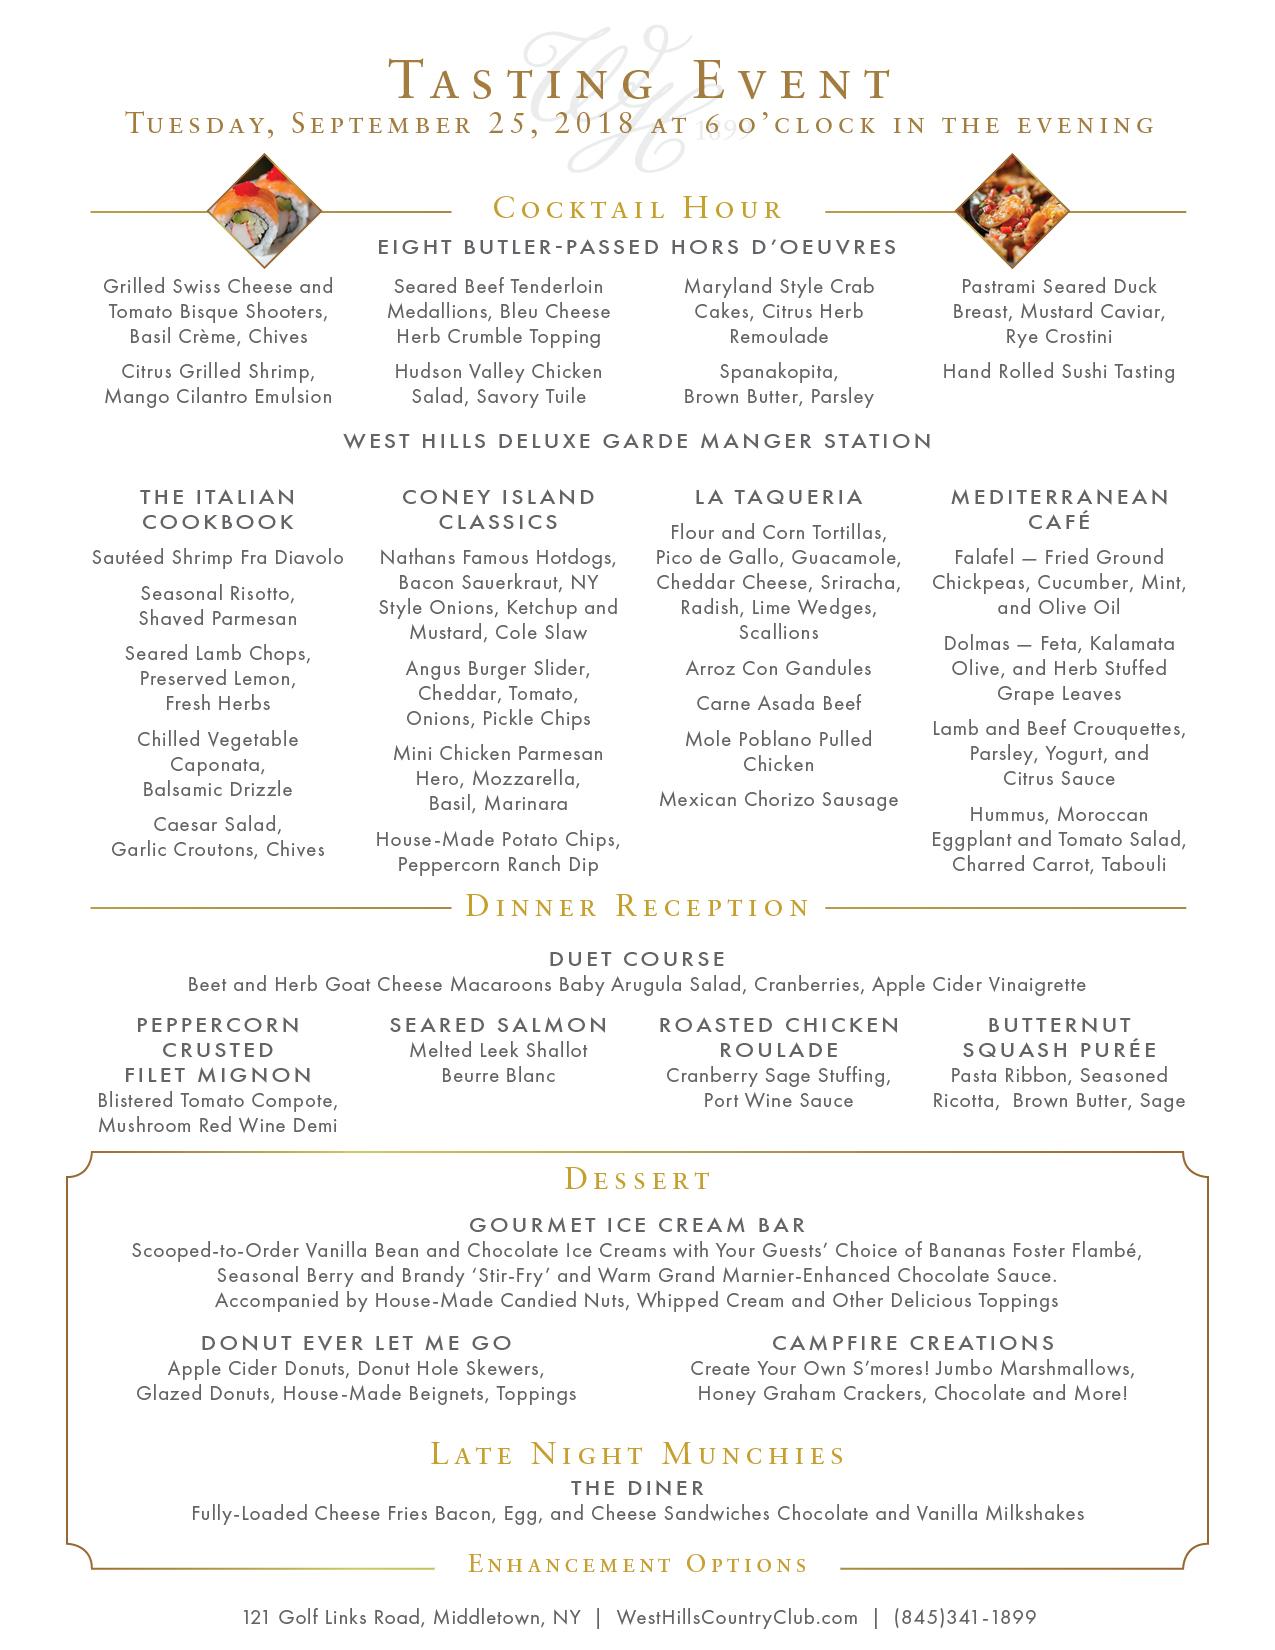 WHCC-sept-25-tasting-event-2018-1